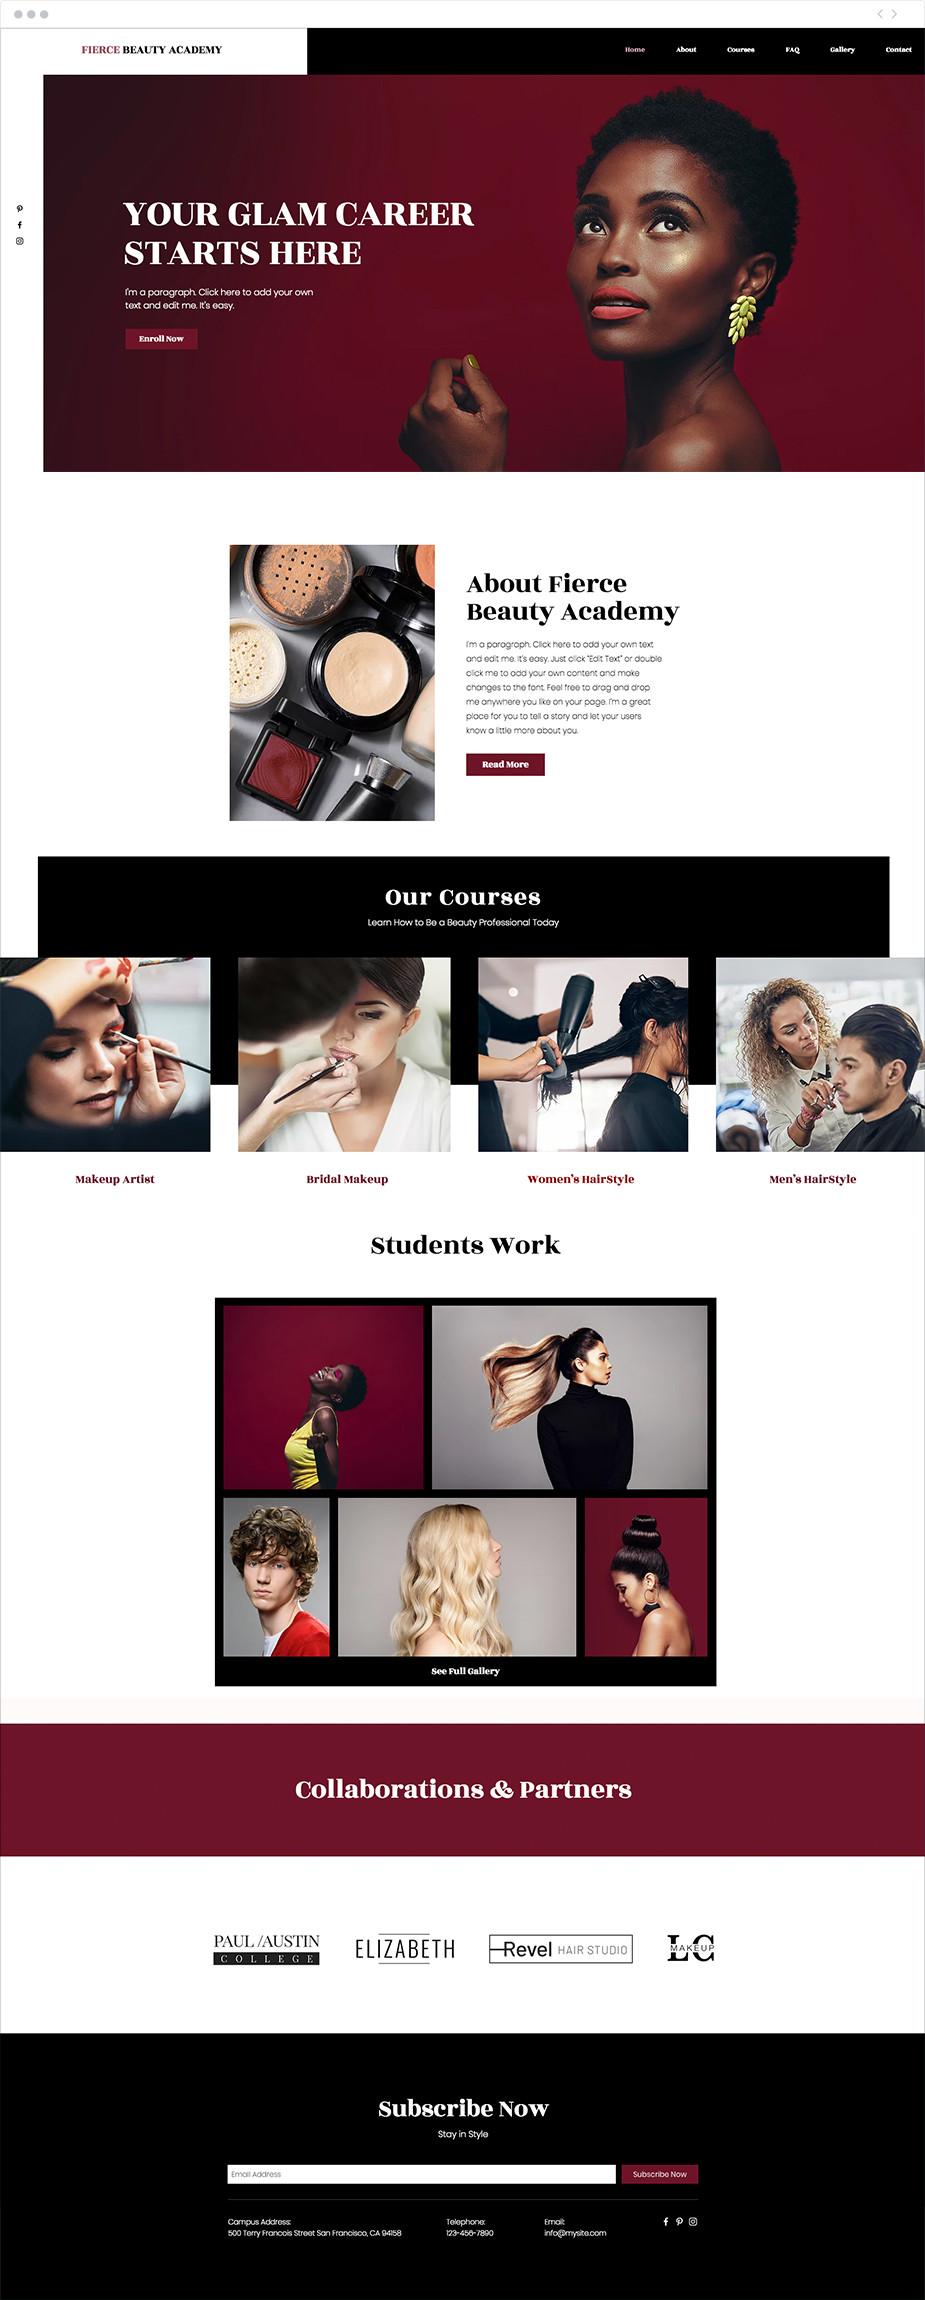 Plantilla web para academia de belleza y estética